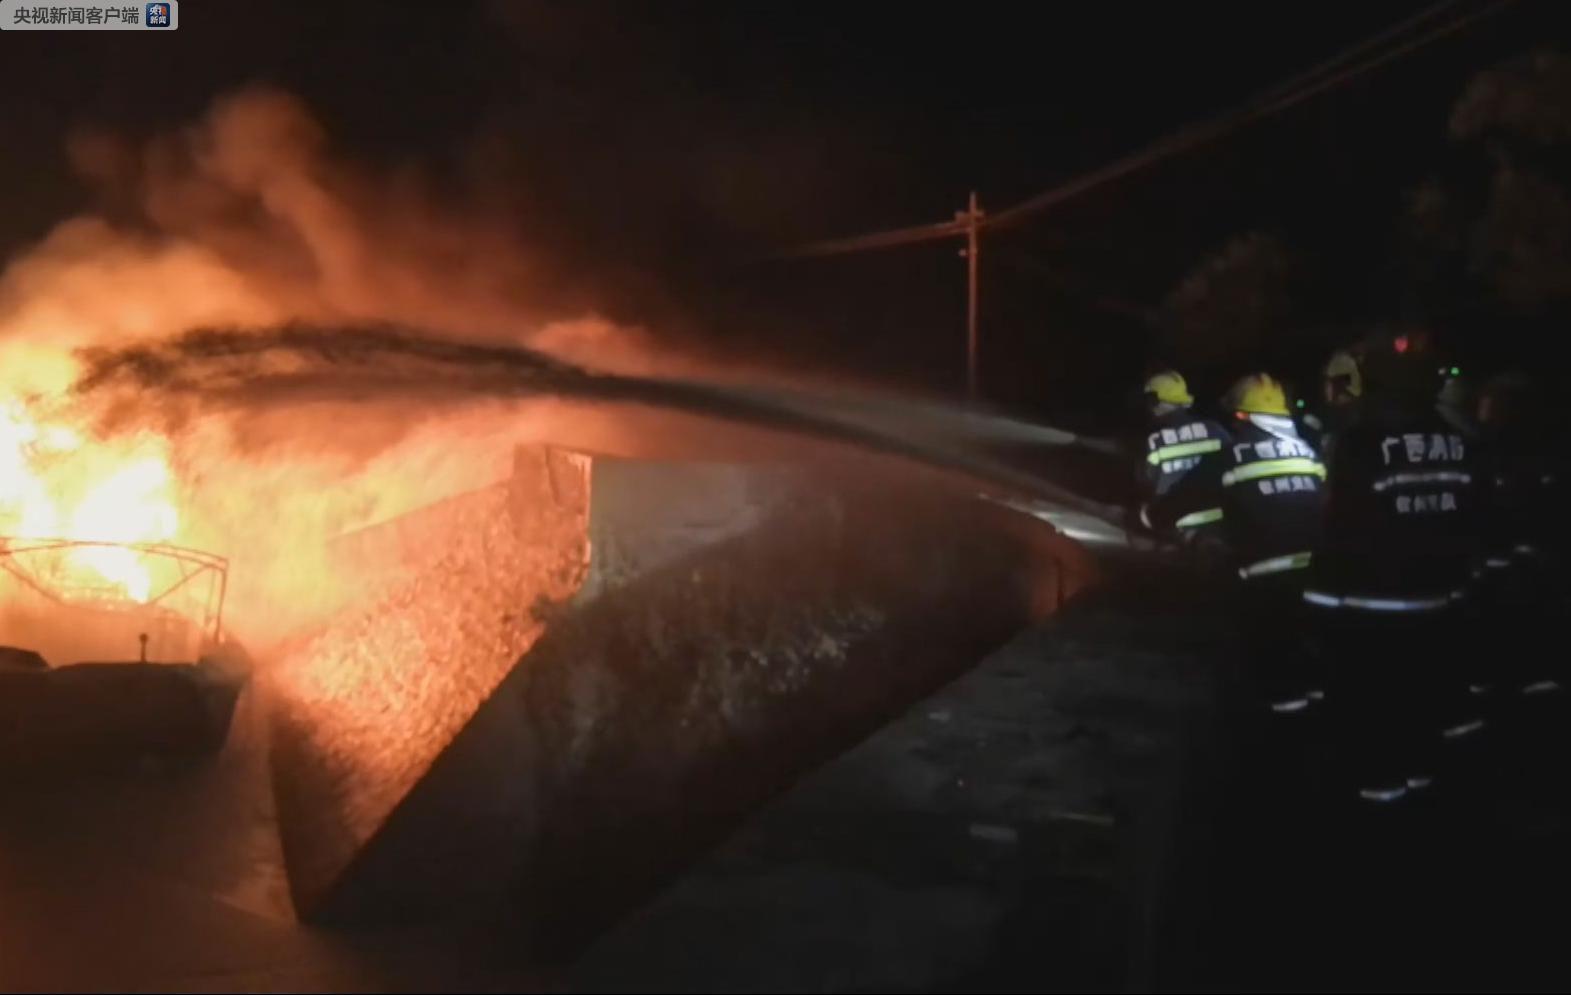 #央视新闻客户端#广西一载有10吨柴油私人船突发大火 引燃靠